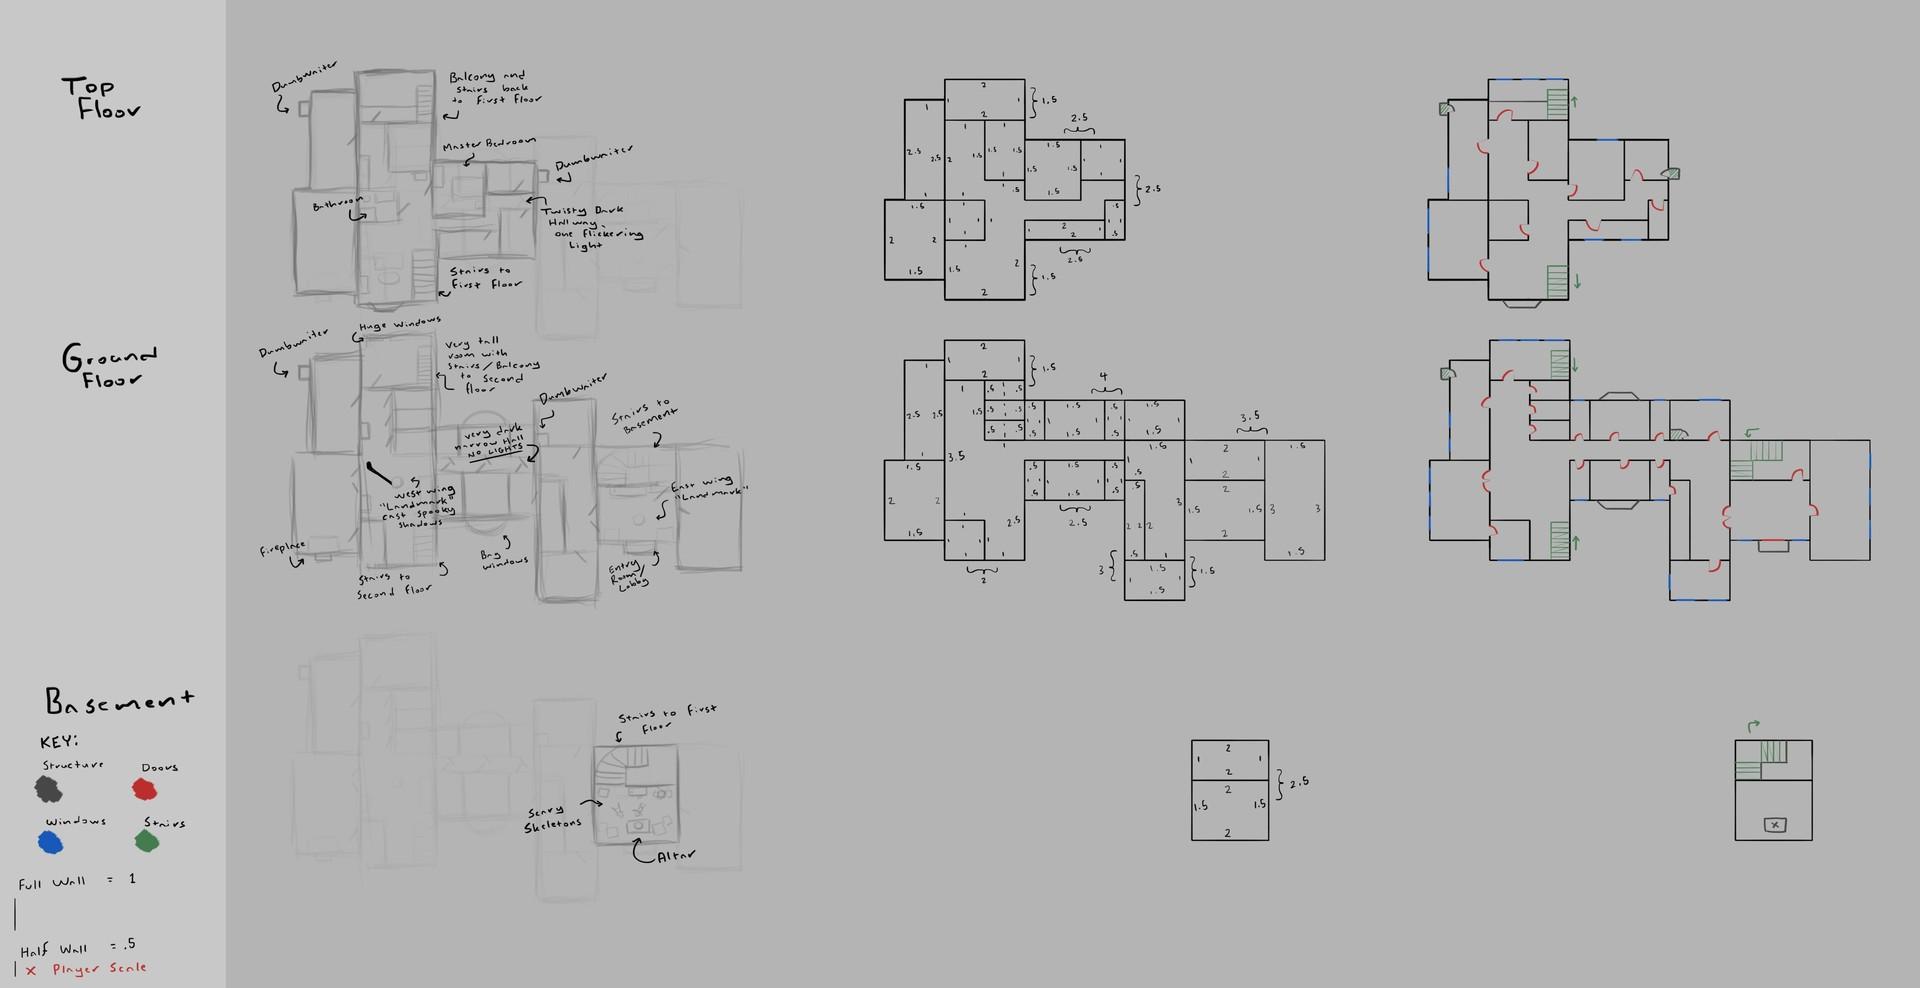 Ben kalicky floorplan02